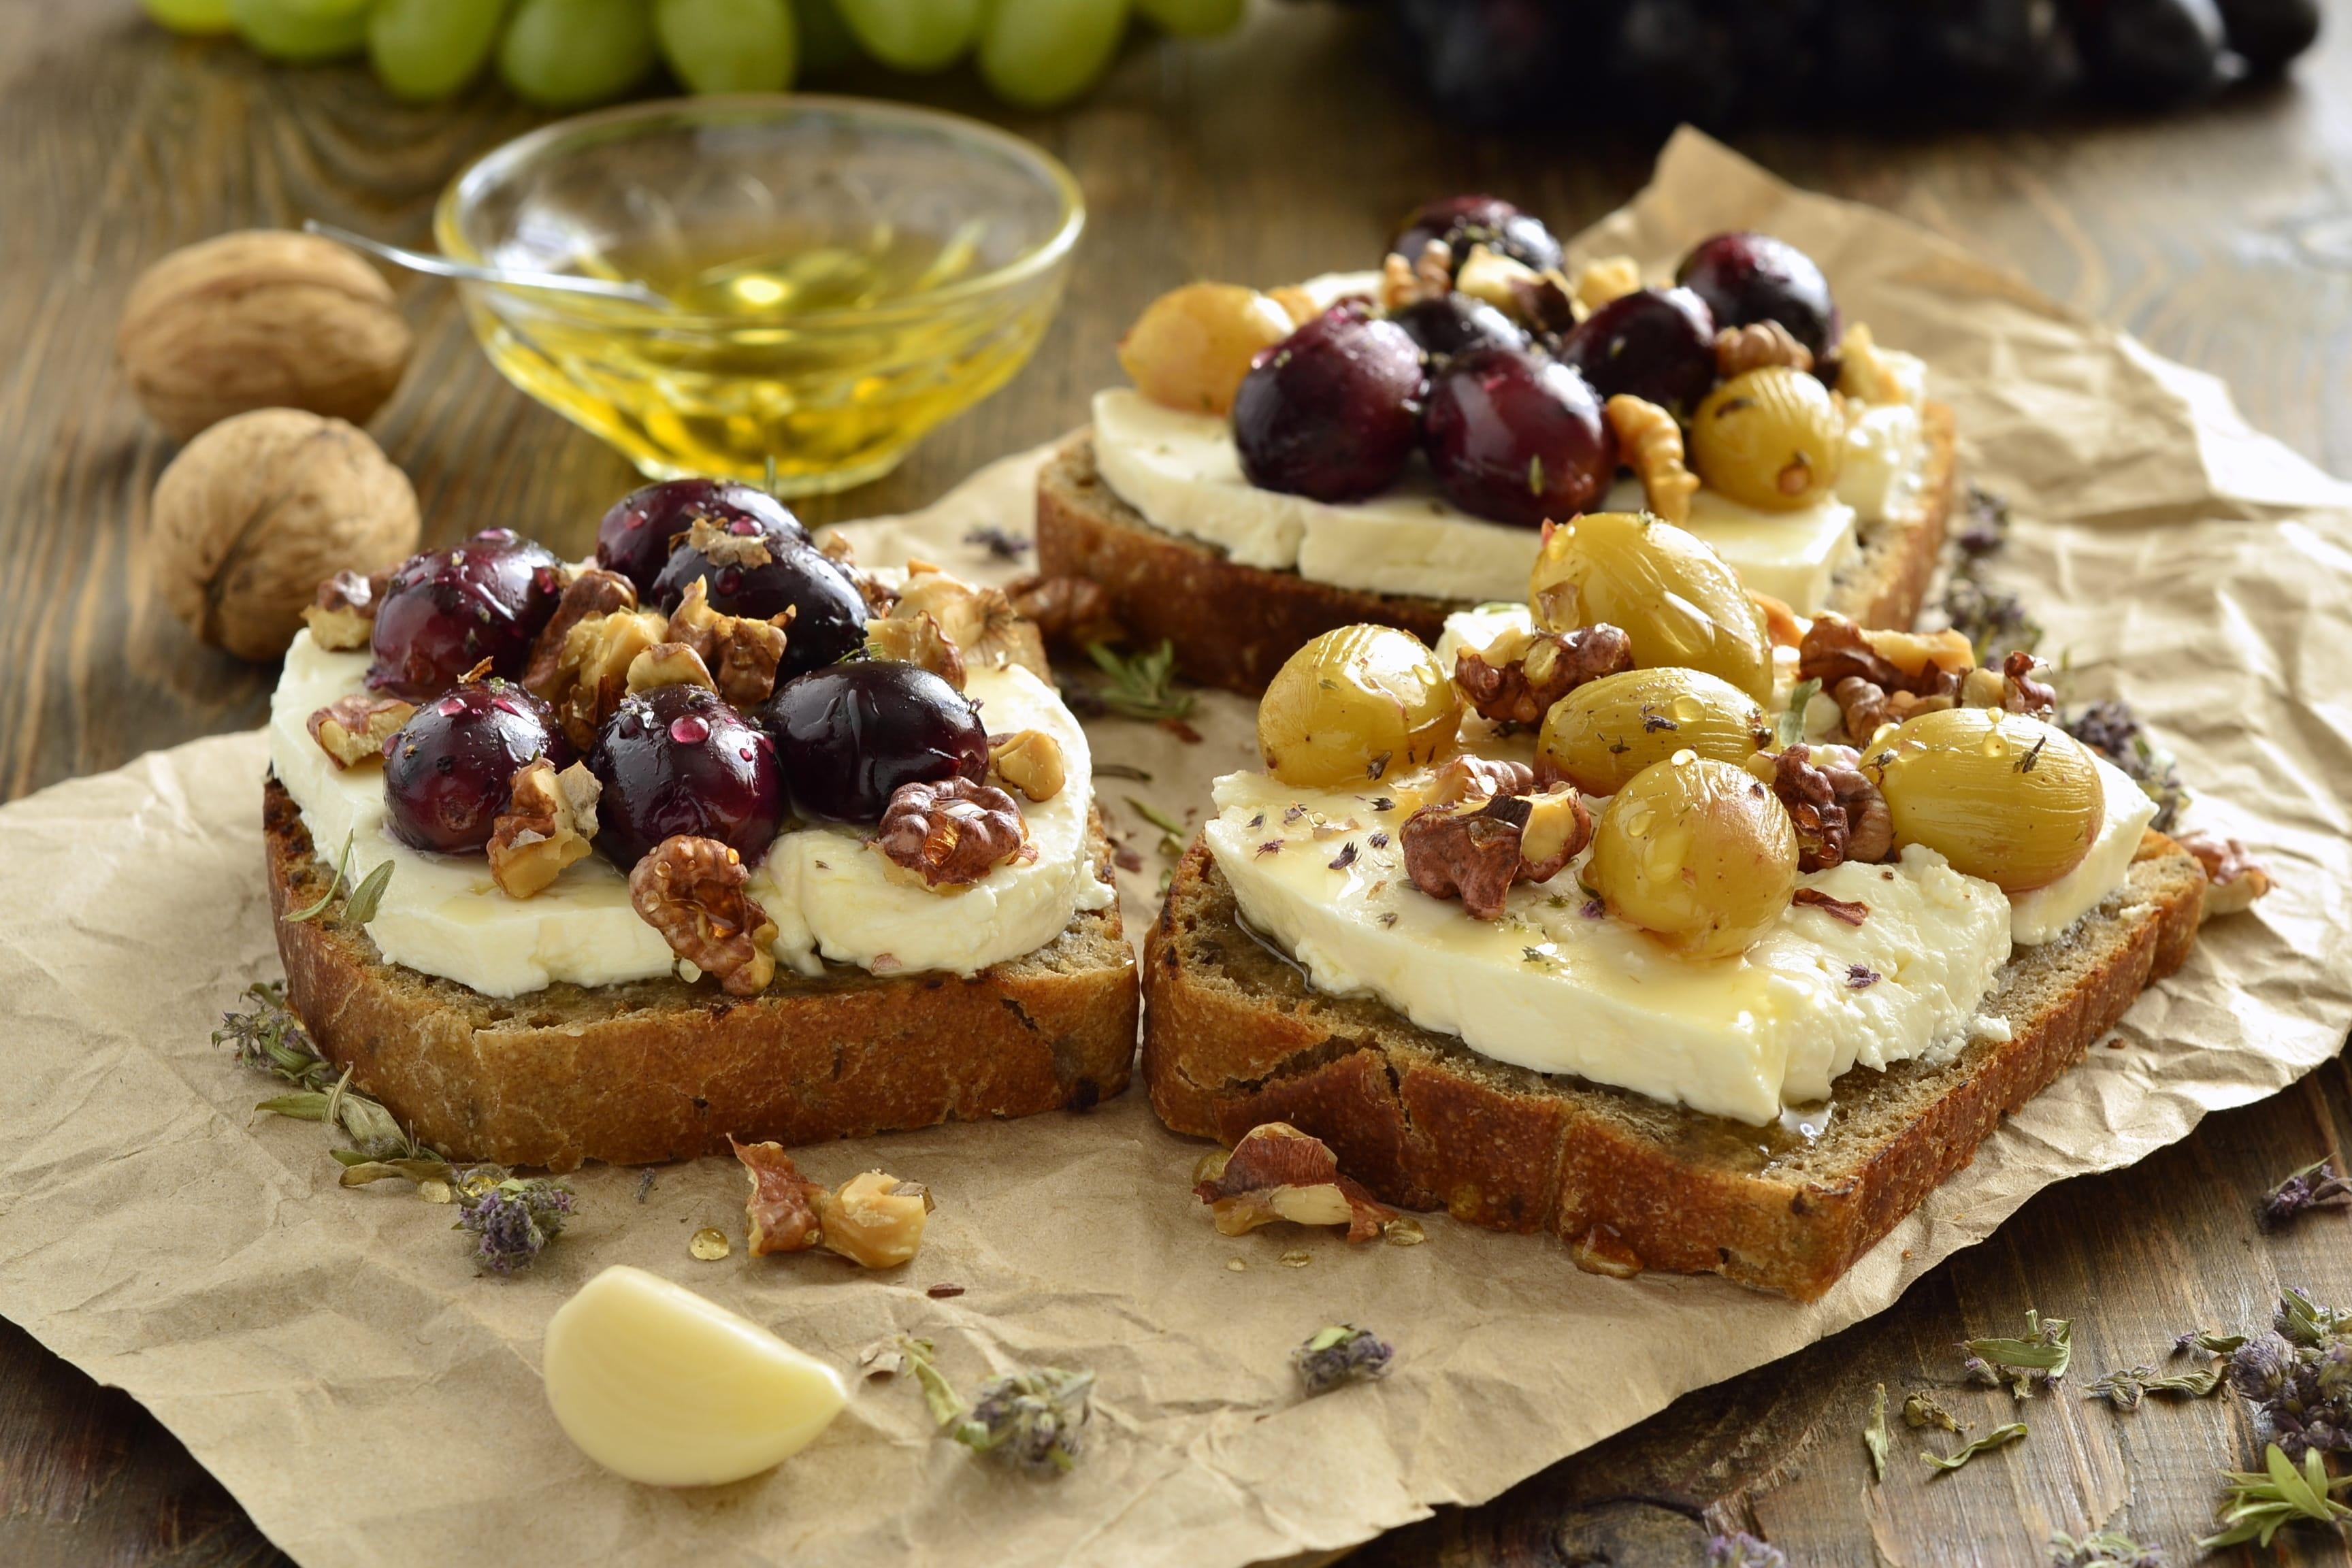 Tăng huyết áp nên ăn gì - Bánh mì Crostini